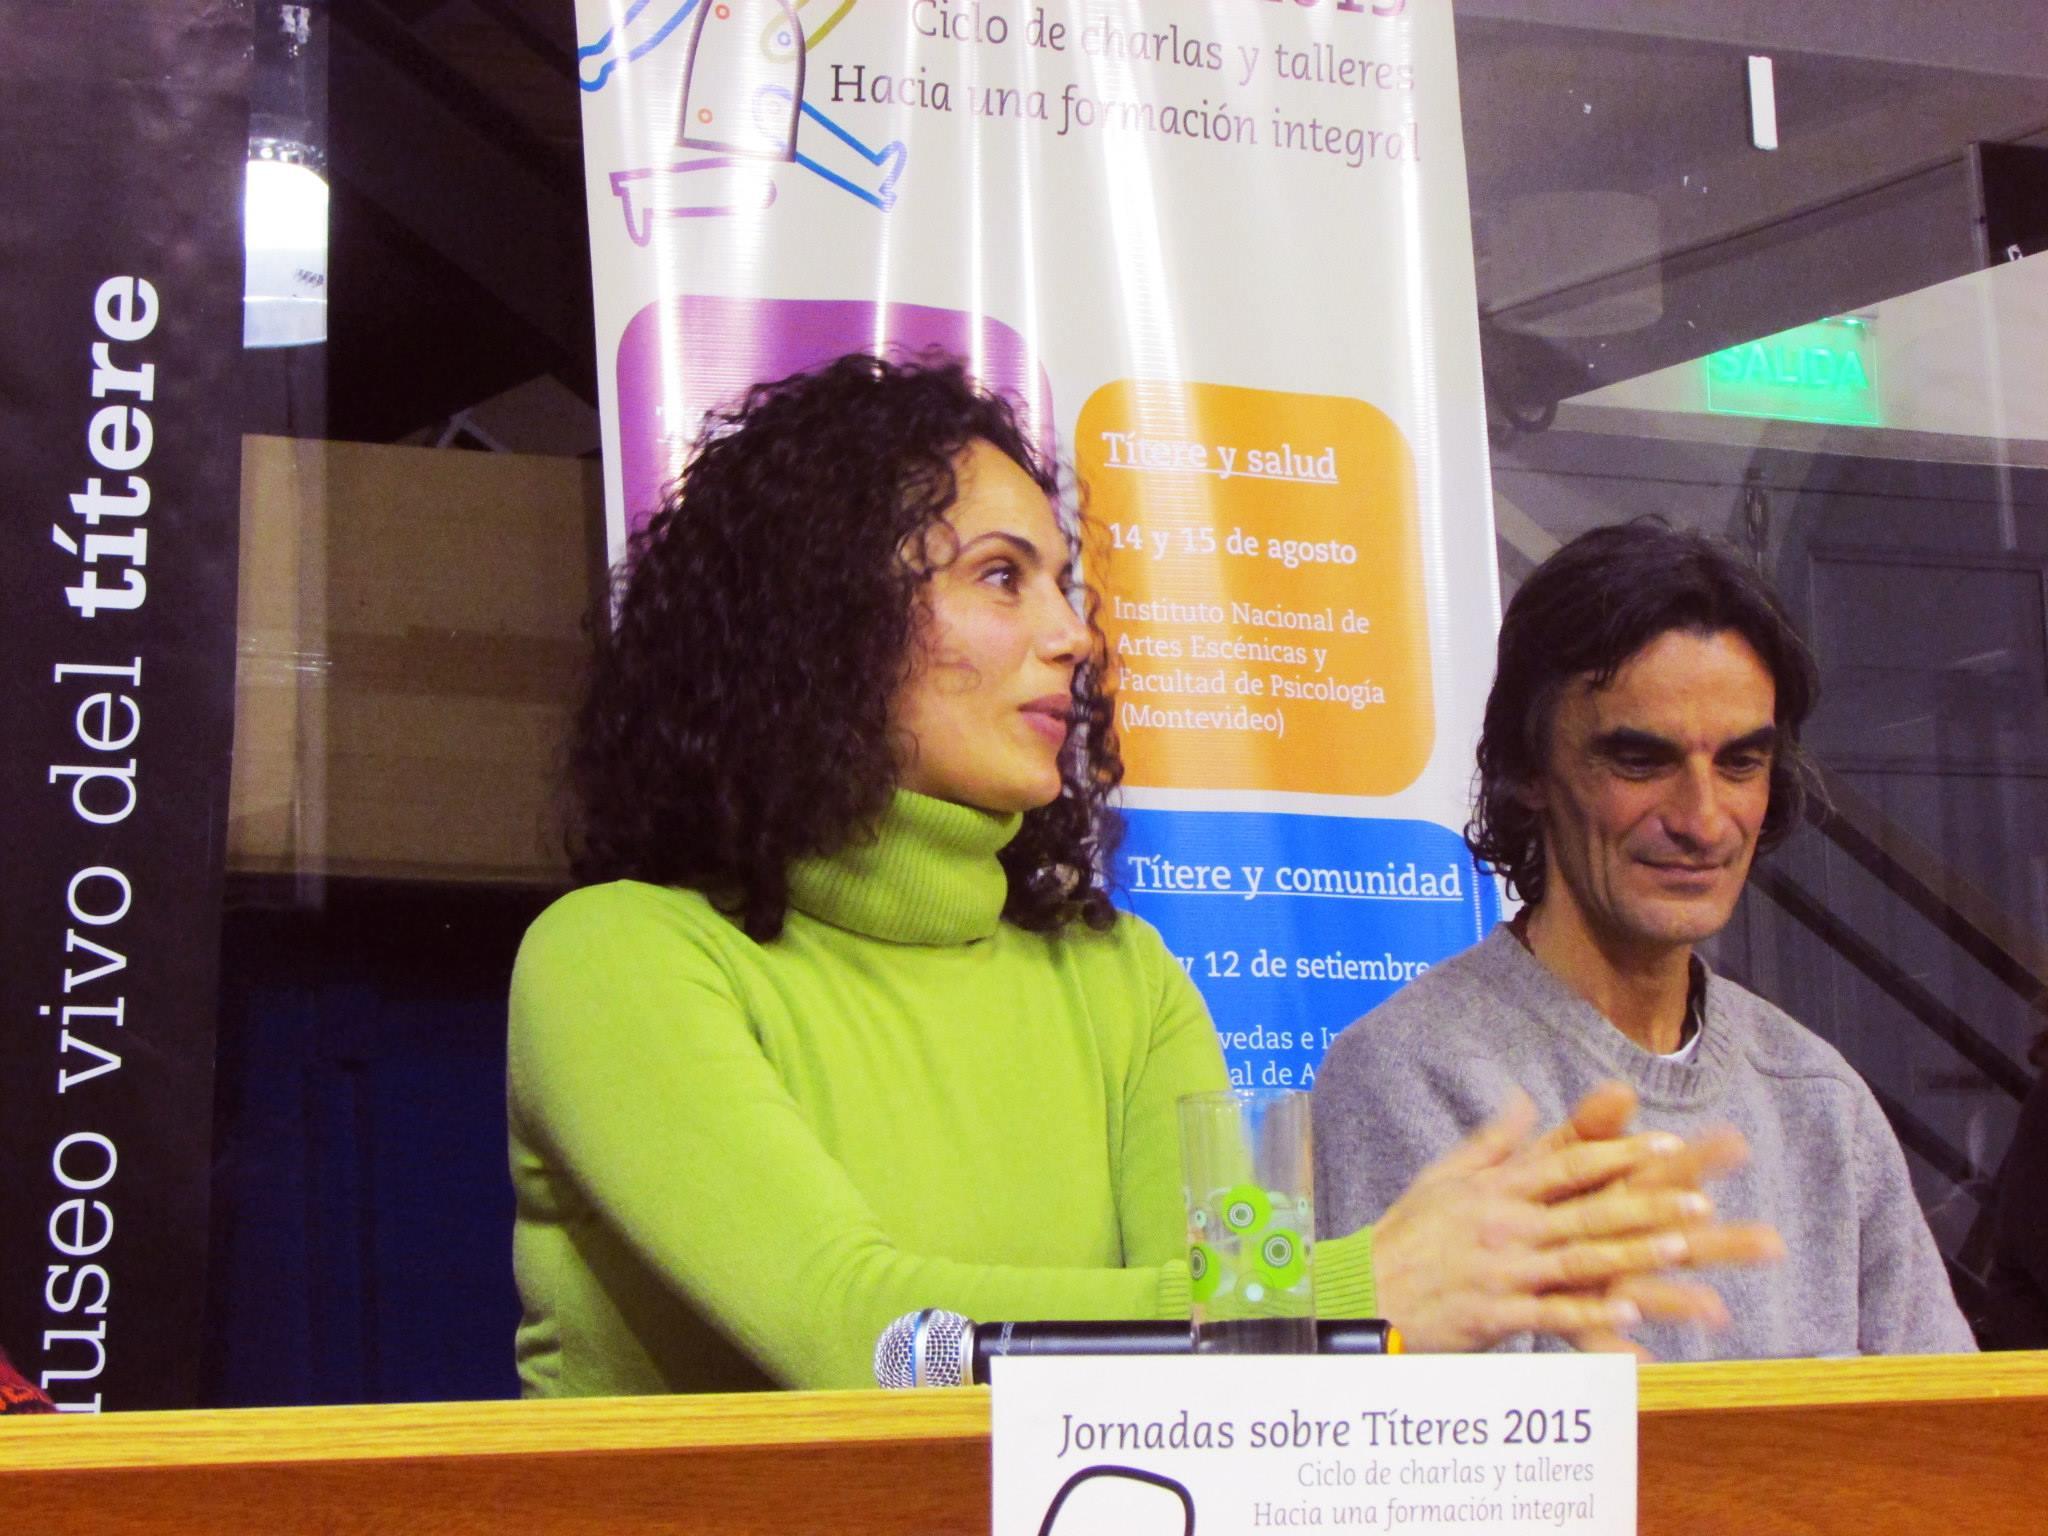 Participamos en las Jornadas sobre Títeres julio 2015